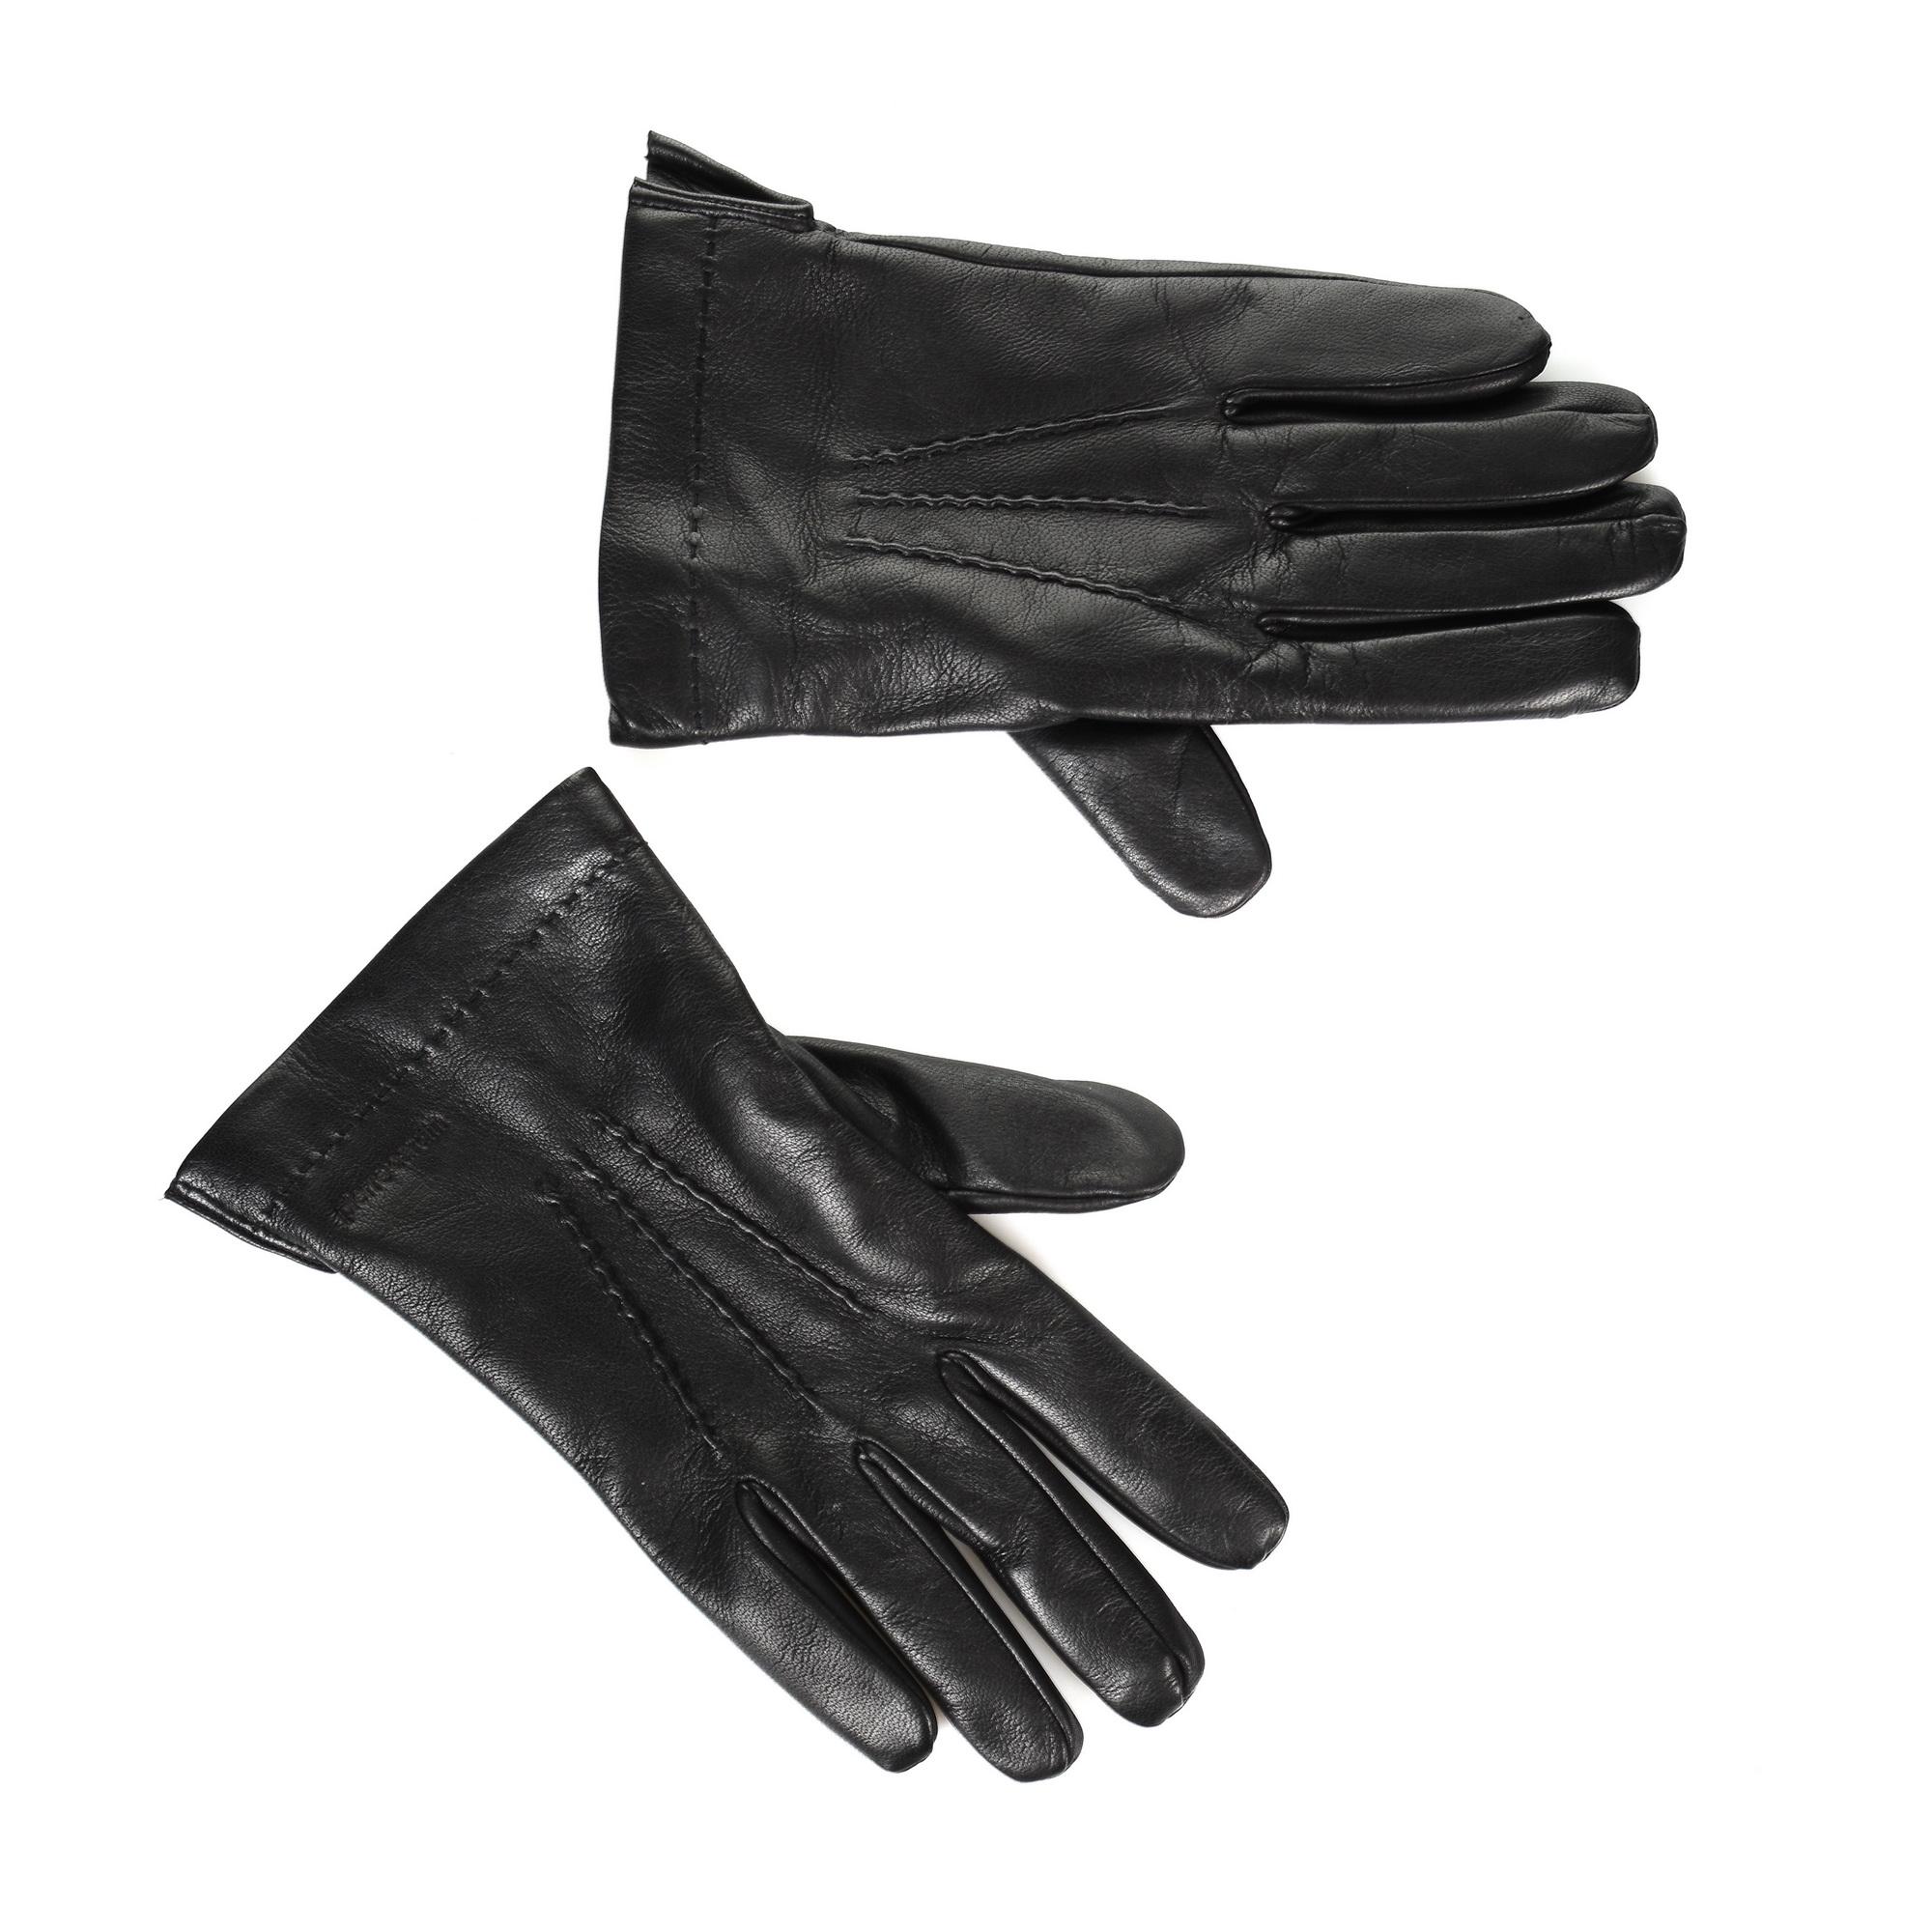 Δερμάτινα Γάντια Pierre Cardin PCG310 ανδρας   αντρικό γάντι